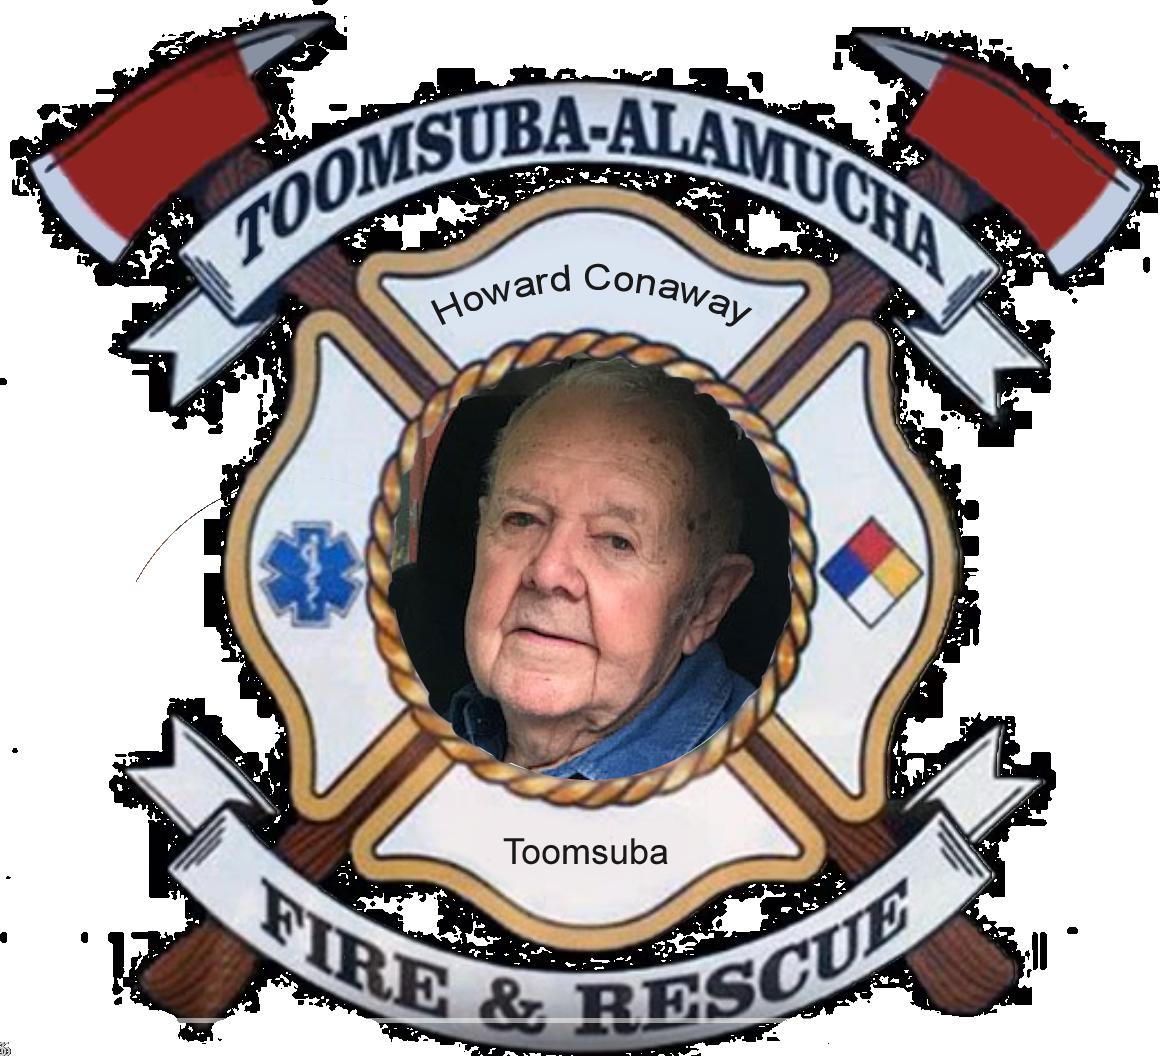 Howard Conaway; Toomsuba Firefighter